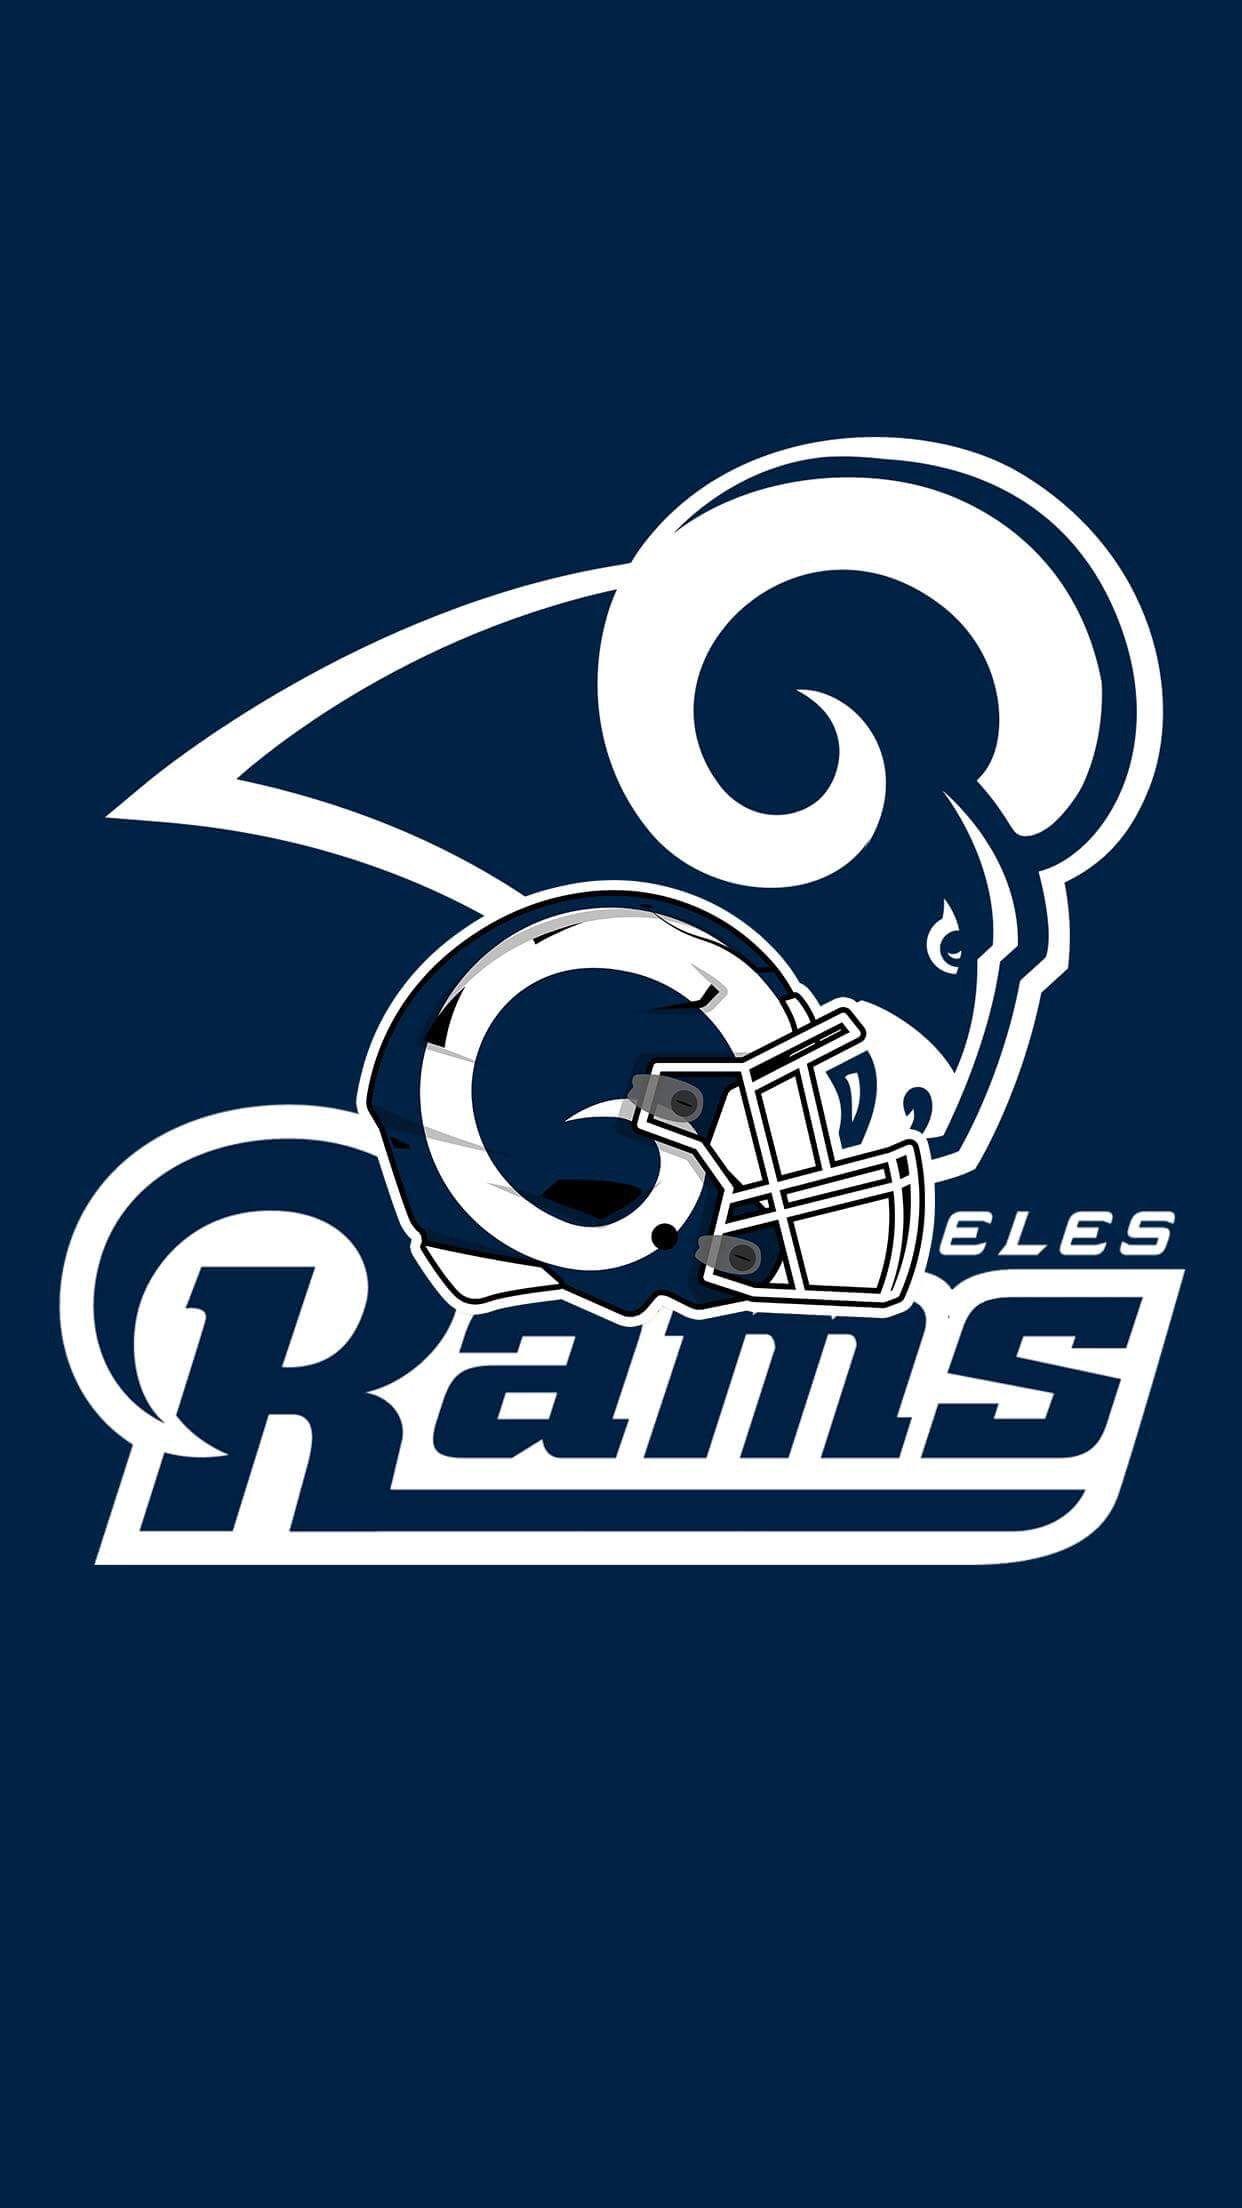 Los Angeles Rams Wallpaper Fan Art Nfl Helmet Los Angeles Rams Nfl Football Helmets Rams Football